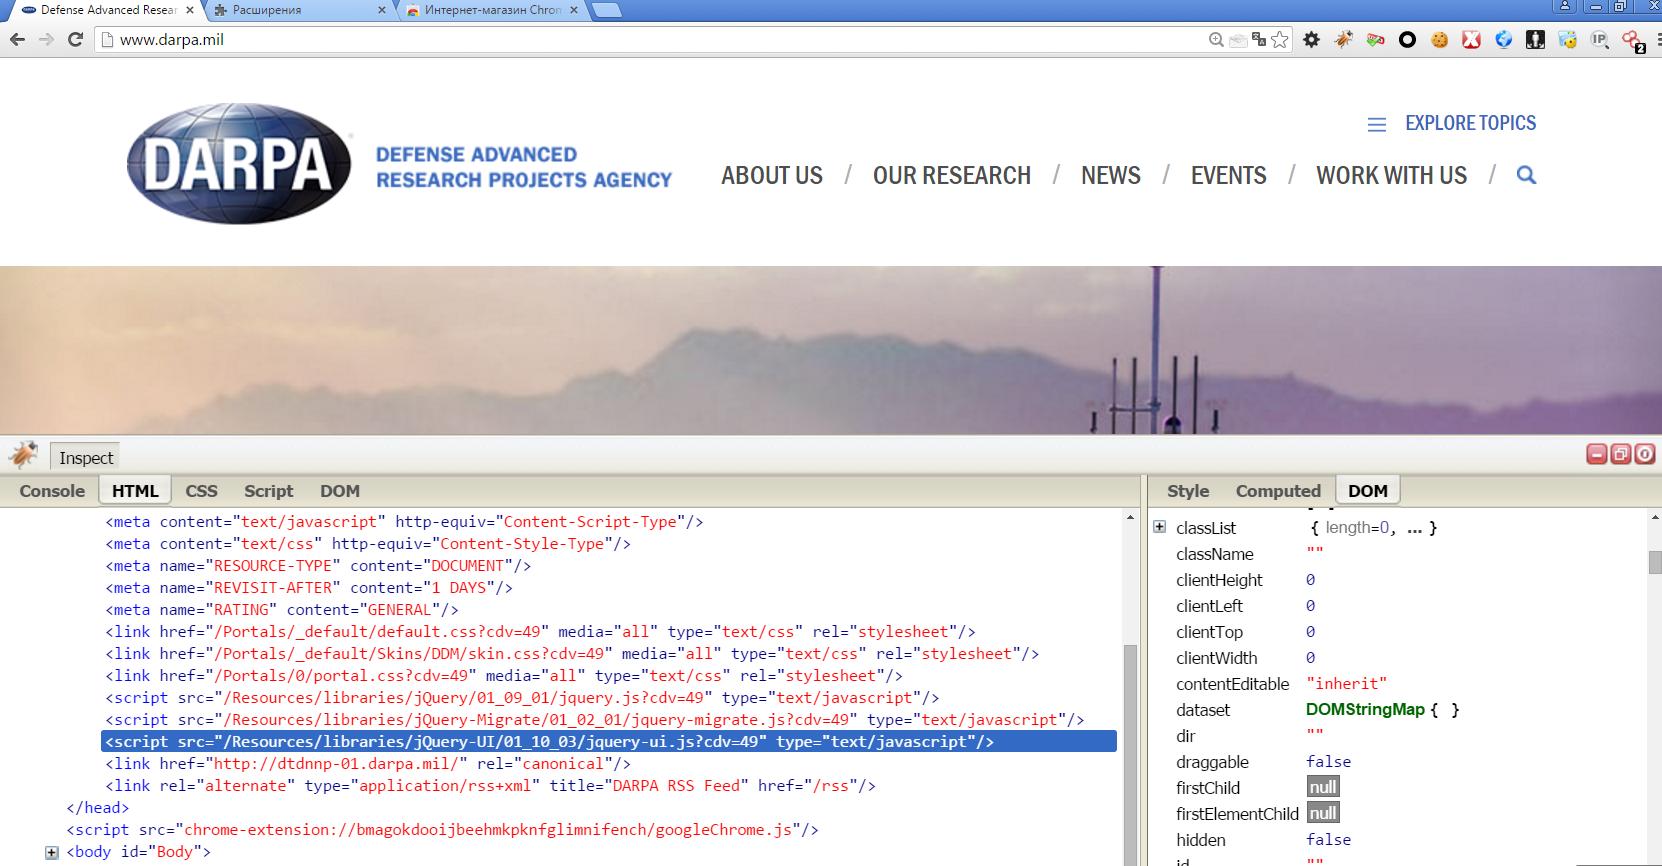 16 расширений, которые превратят ваш браузер в хакерский инструмент